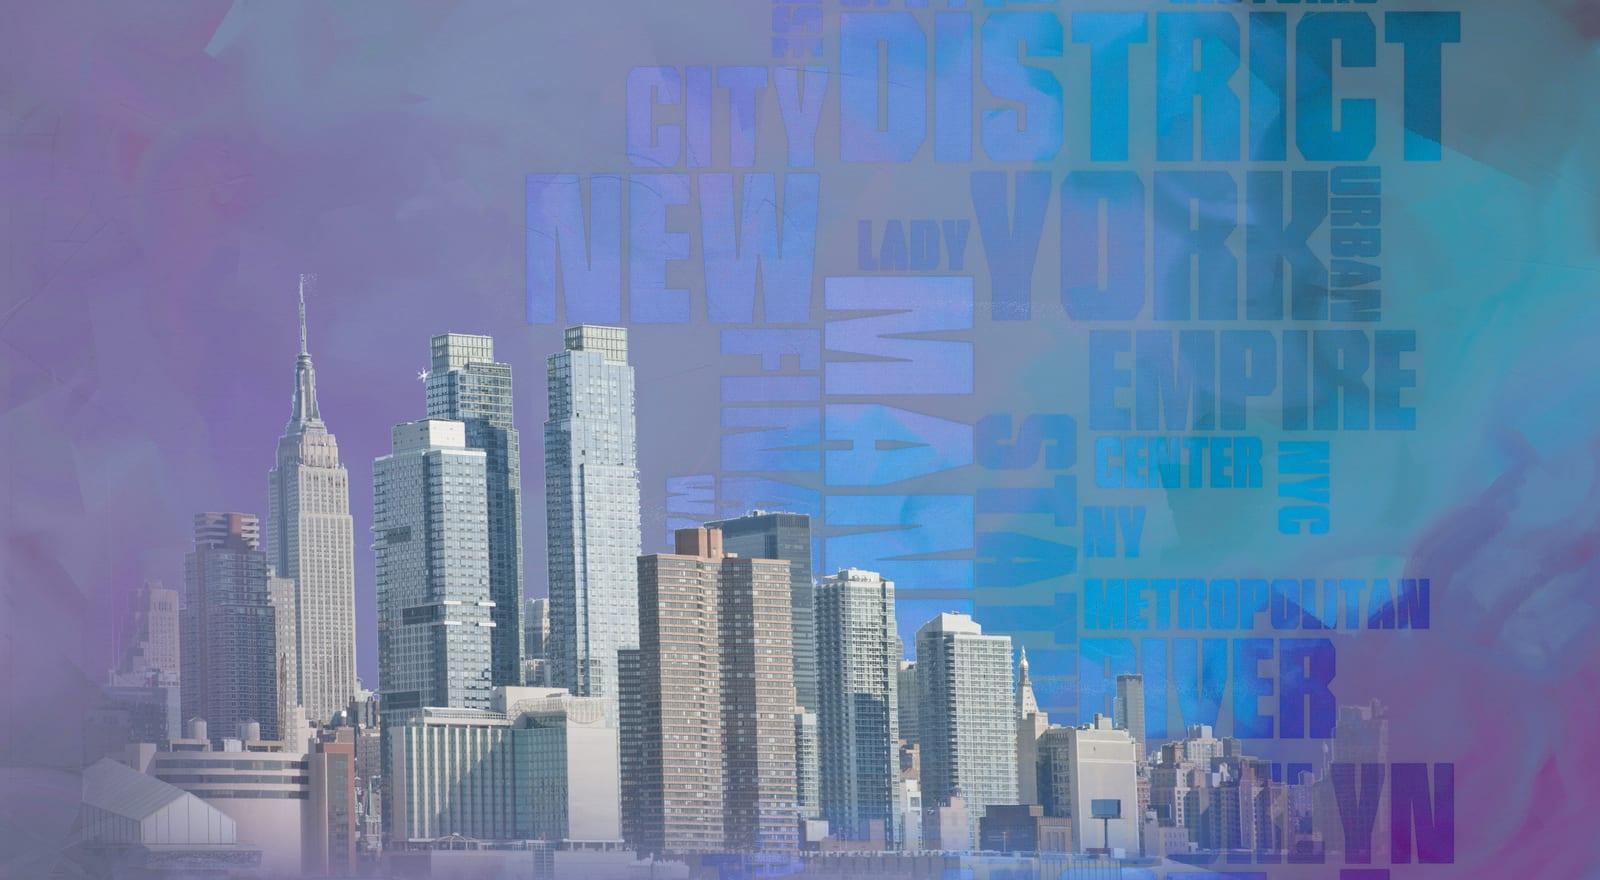 Sutton Place Manhattan, NY Private Investigator